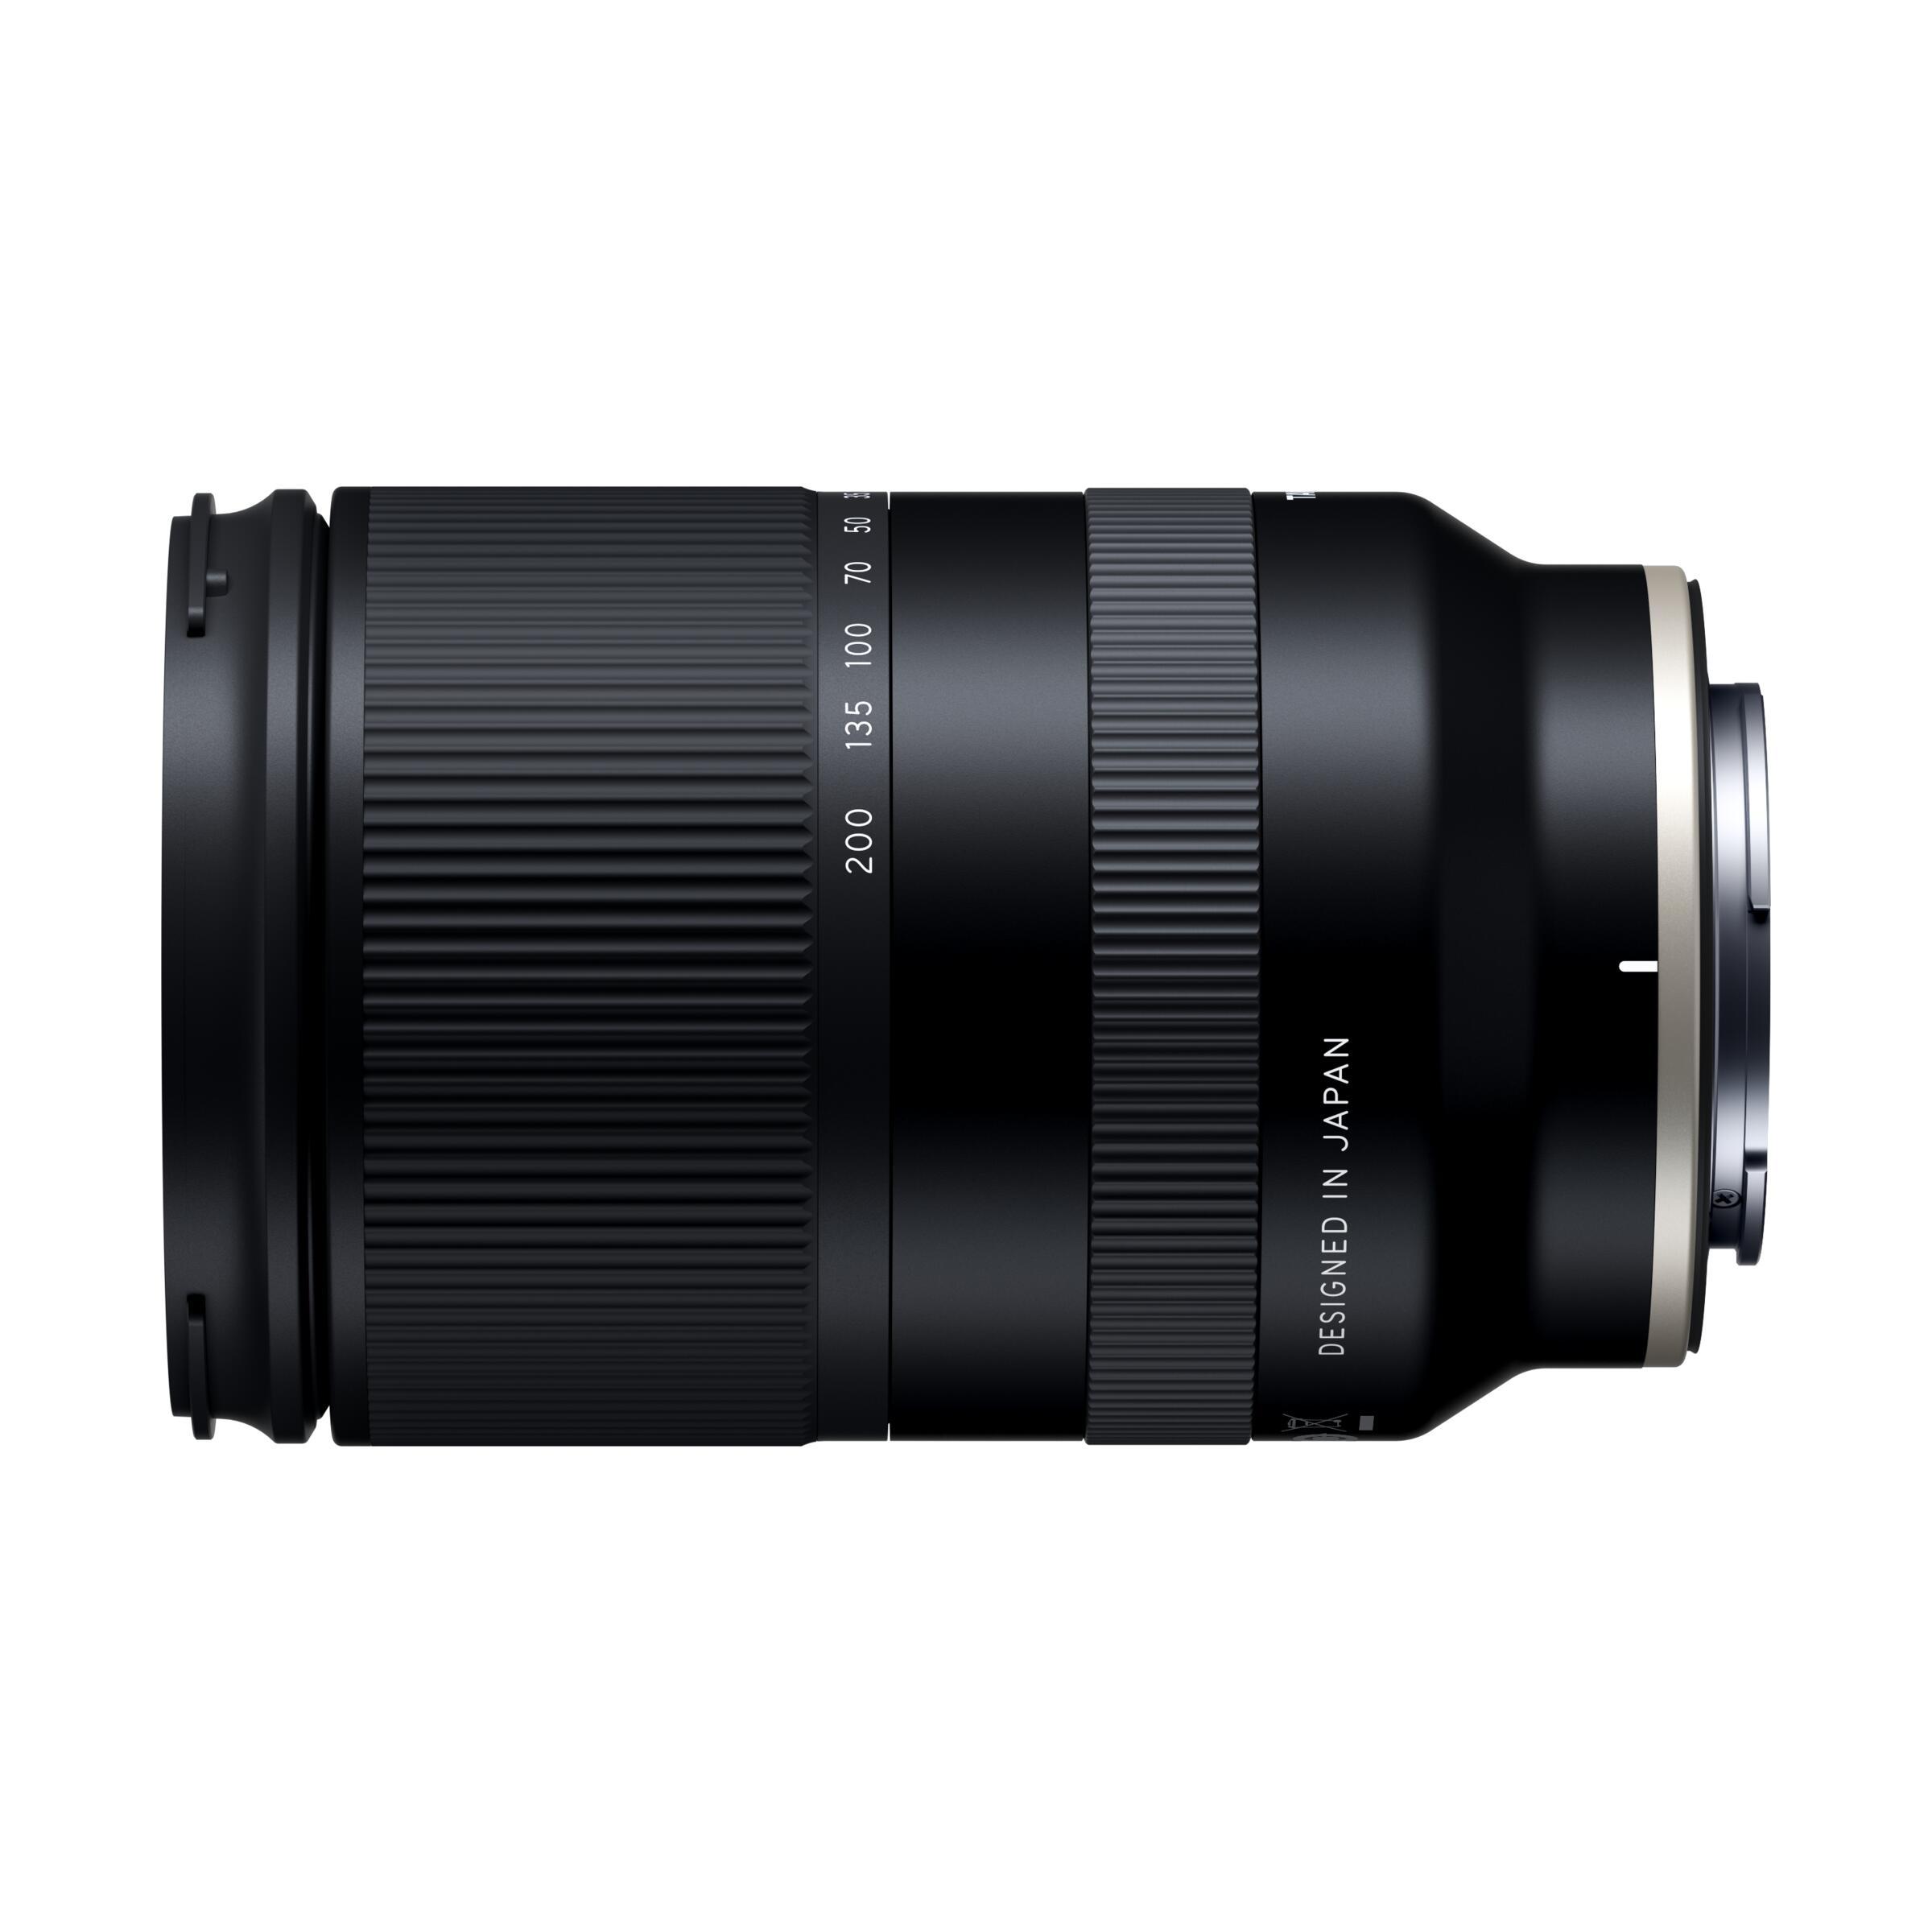 Tamron 28-200mm f/2,8-5,6 Di III RXD : Sony FE